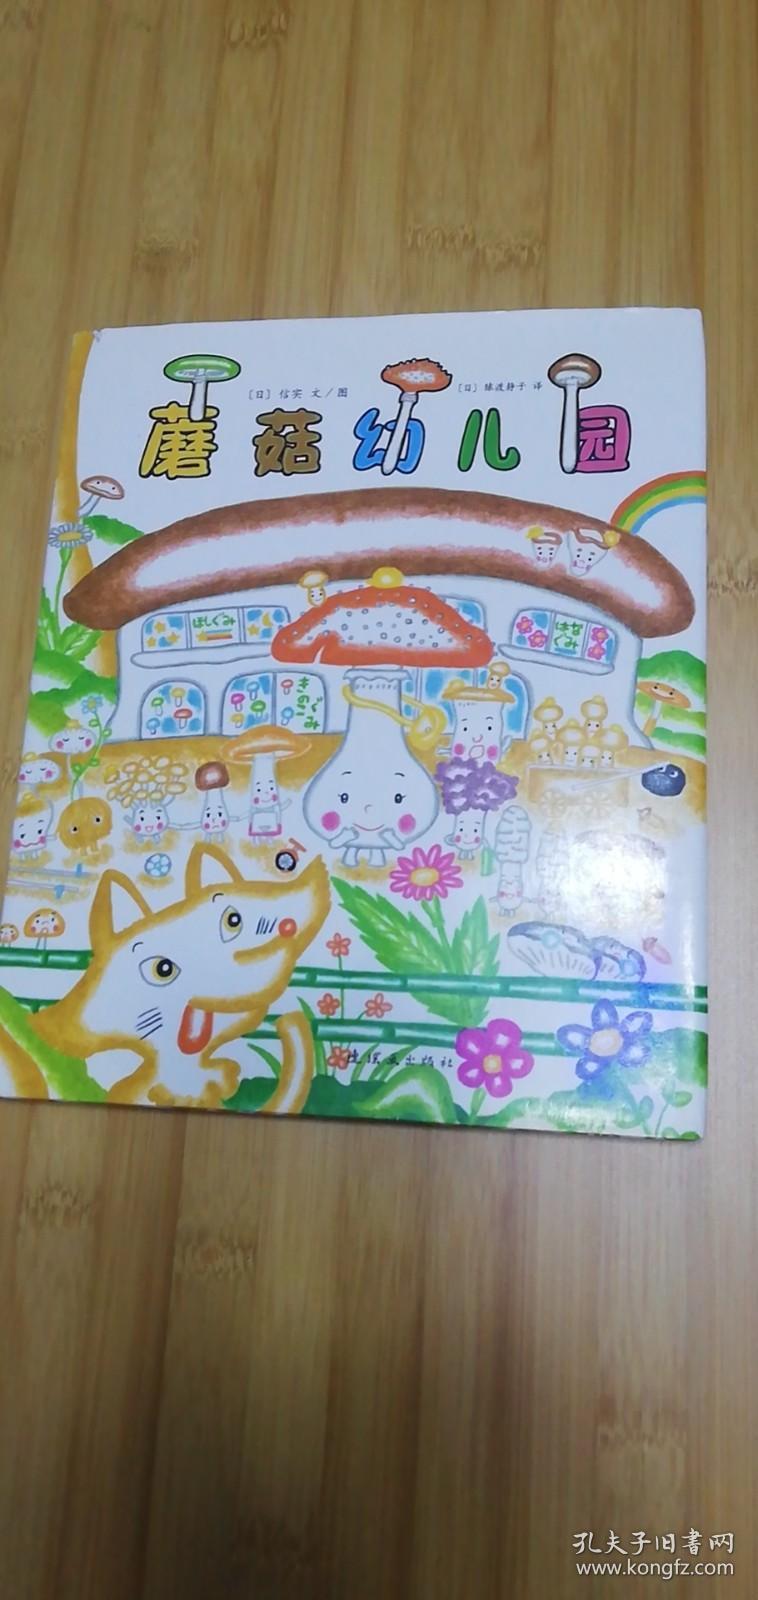 【正版】蘑菇幼儿园   连环画出版社  (精装 一版一印)